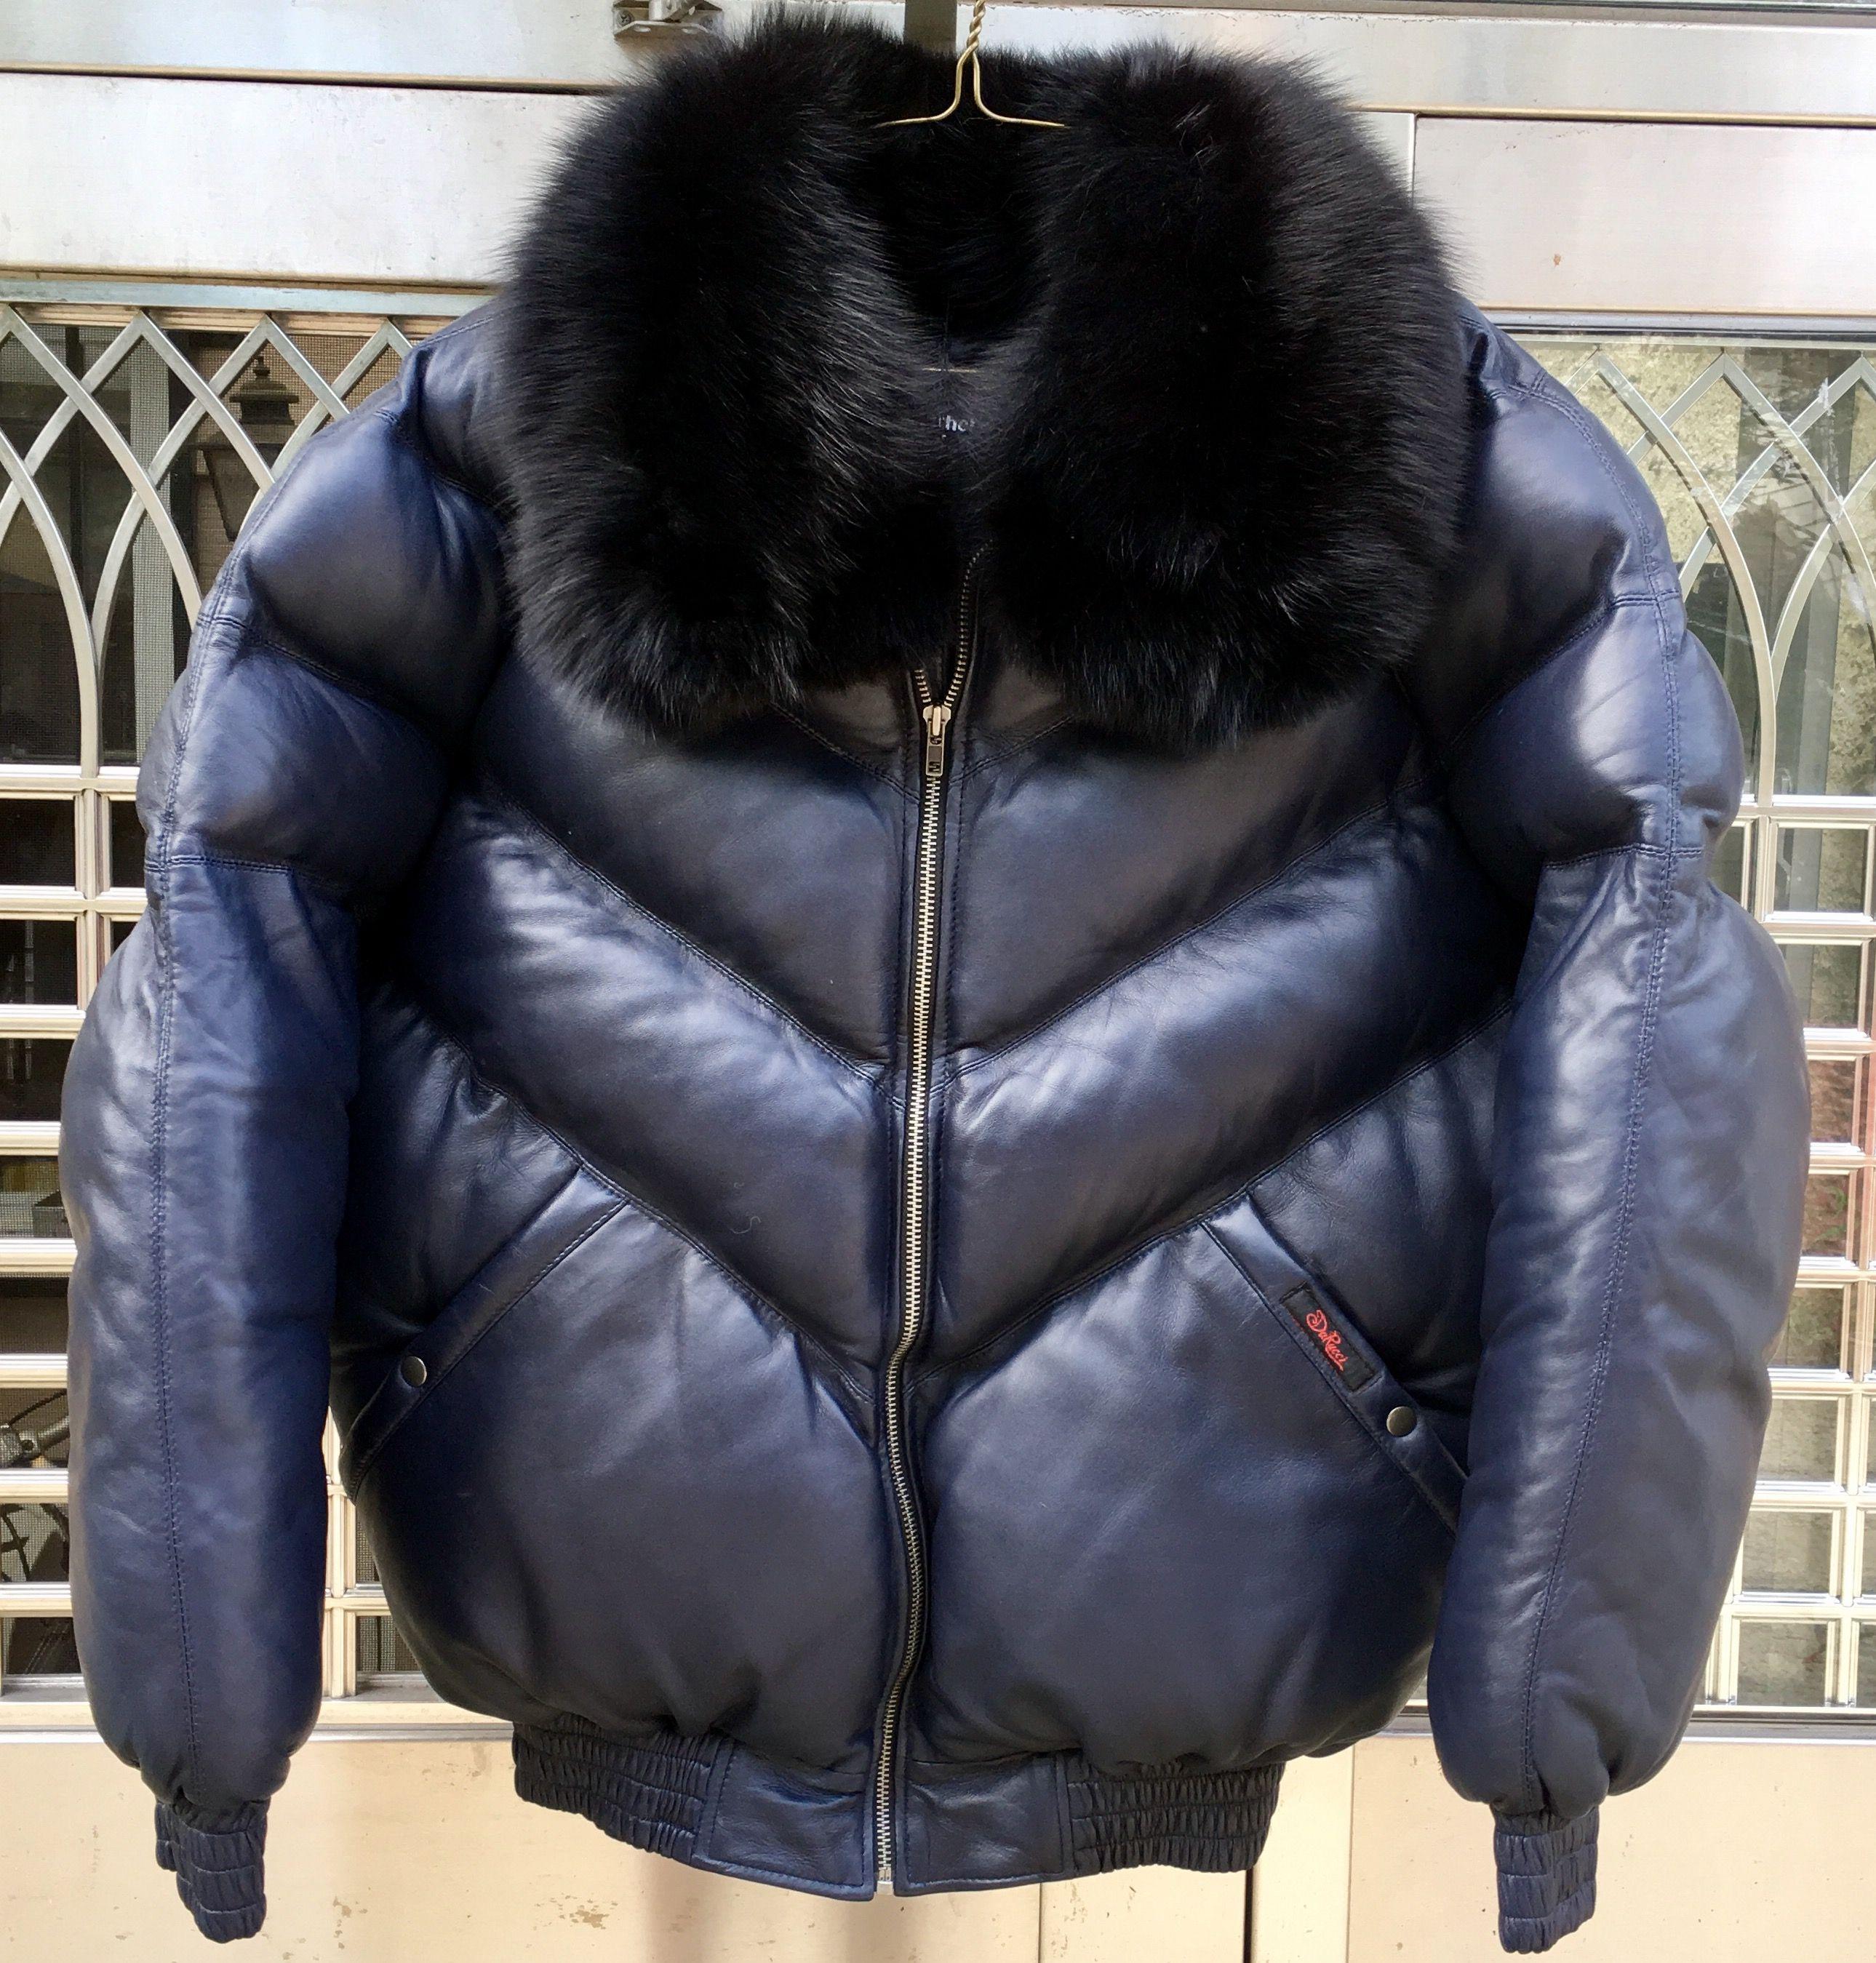 Darucci V Bomber Black Sheepskin Leather Not Goose Down Fur Hood Jacket Leather Bomber Jacket Sheepskin Jacket [ 2699 x 2579 Pixel ]